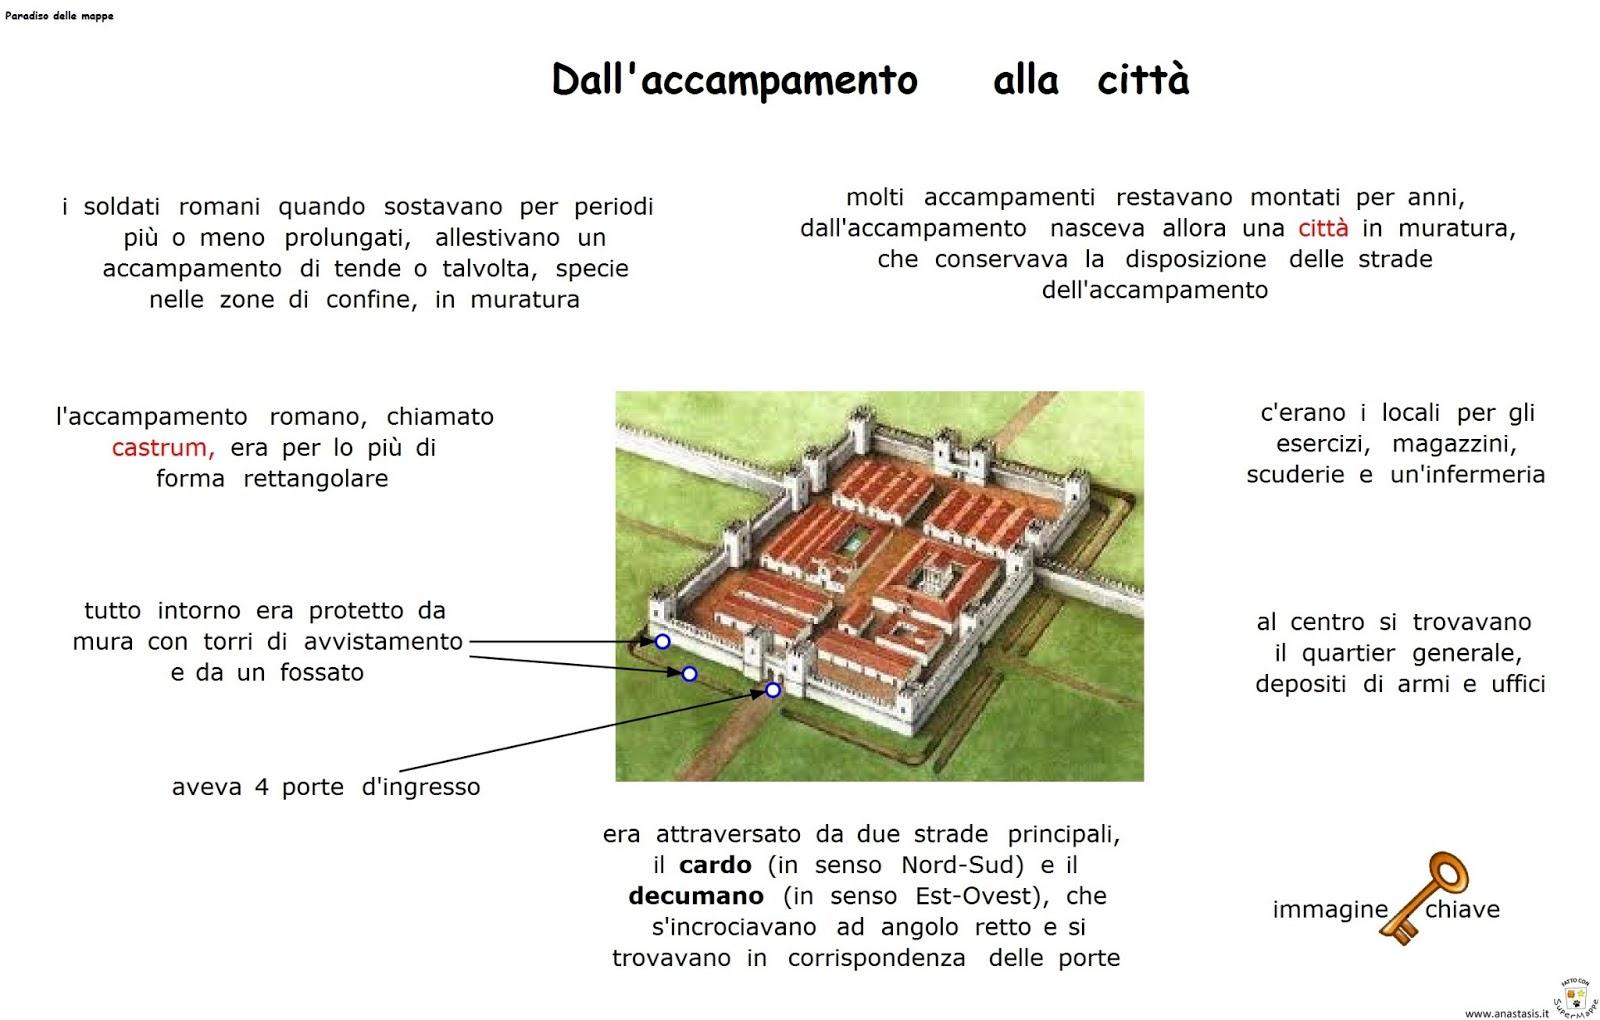 Paradiso delle mappe romani dall 39 accampamento alla citt for Case di un ranch di storia